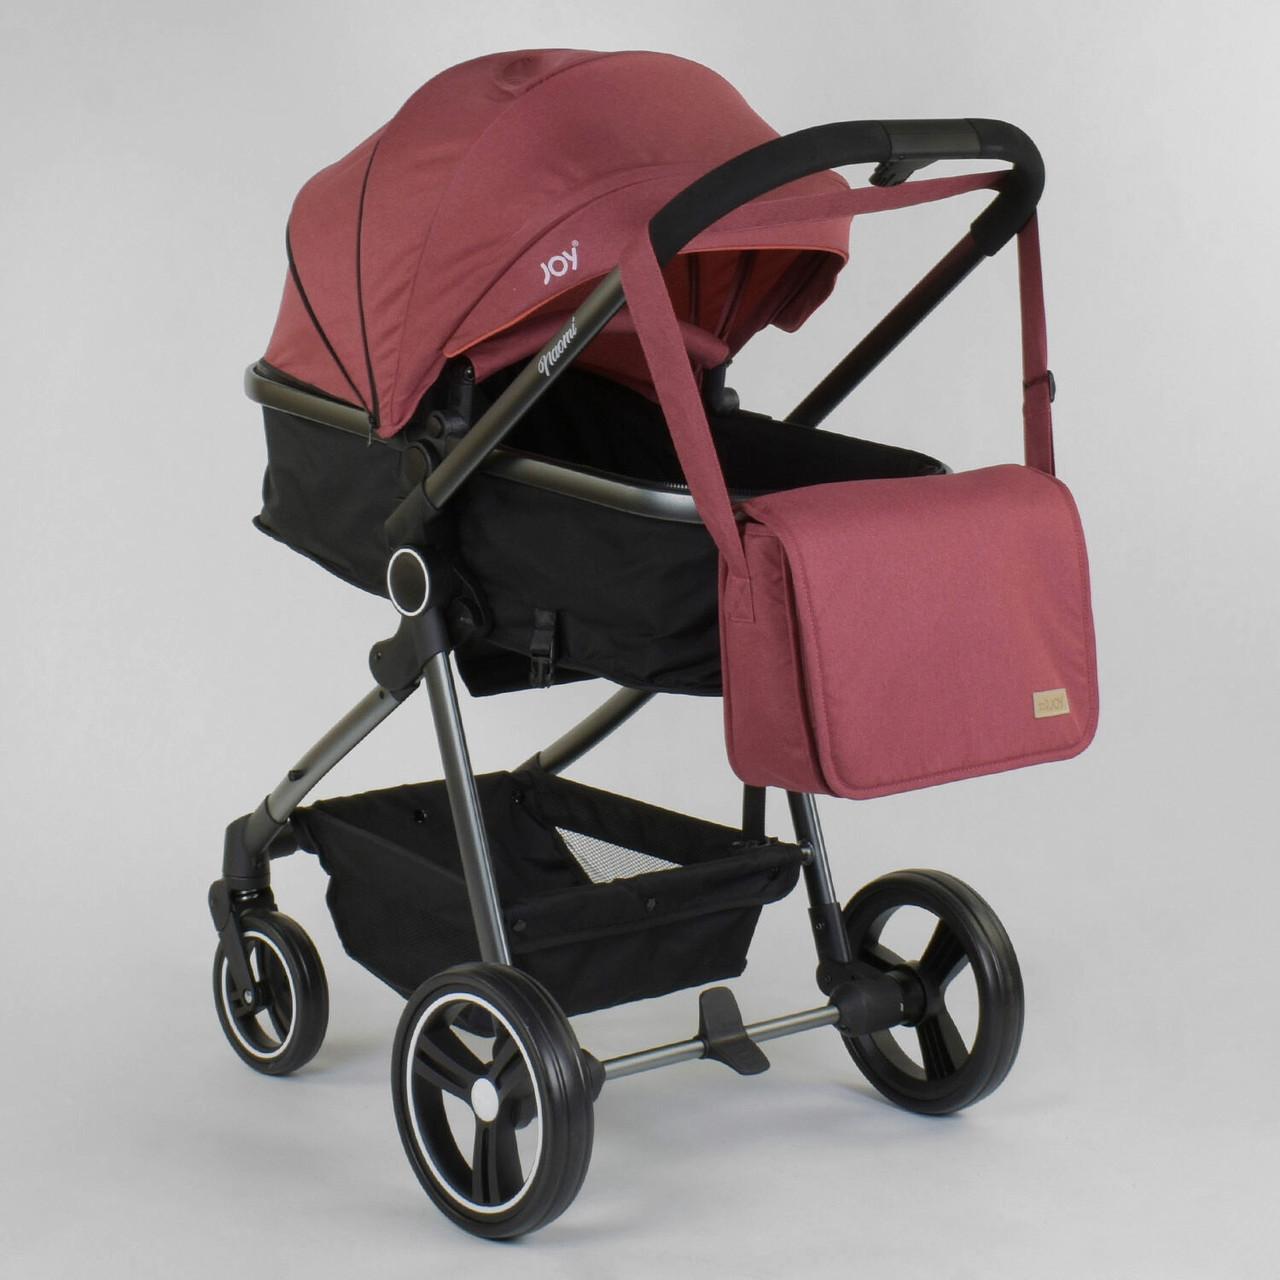 Детская коляска трансформер 2 в 1 JOY Naomi Бордовая детская коляска, сумка, футкавер